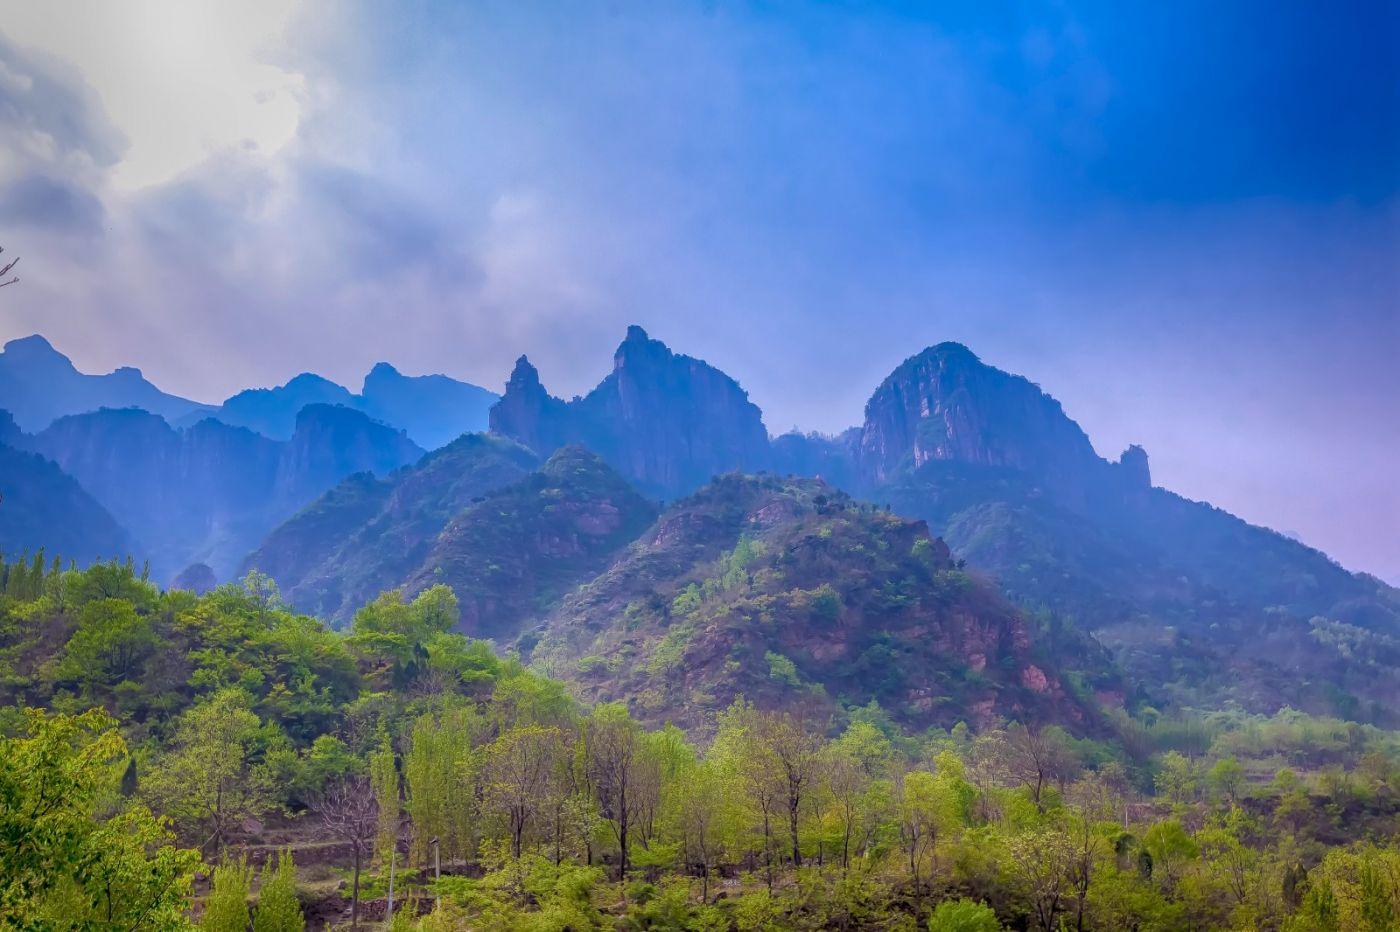 崖壁上的古村落 郭亮村 绝处也有风景_图1-30